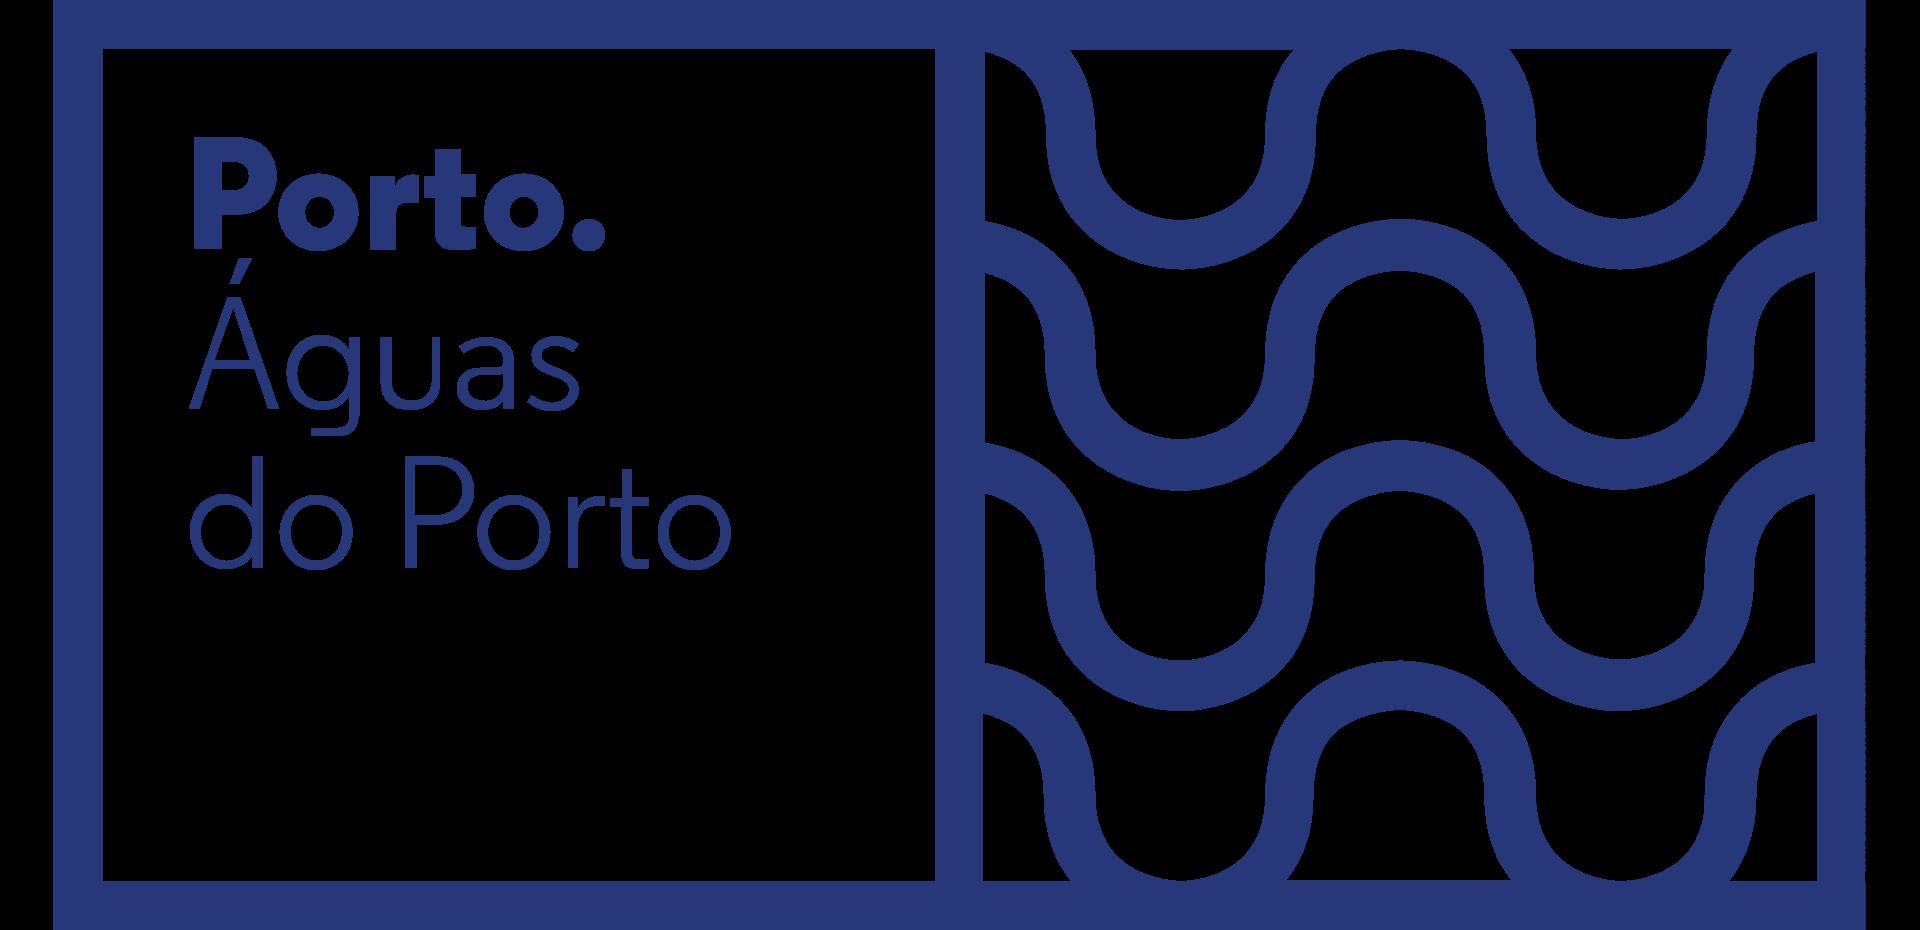 Águas do Porto